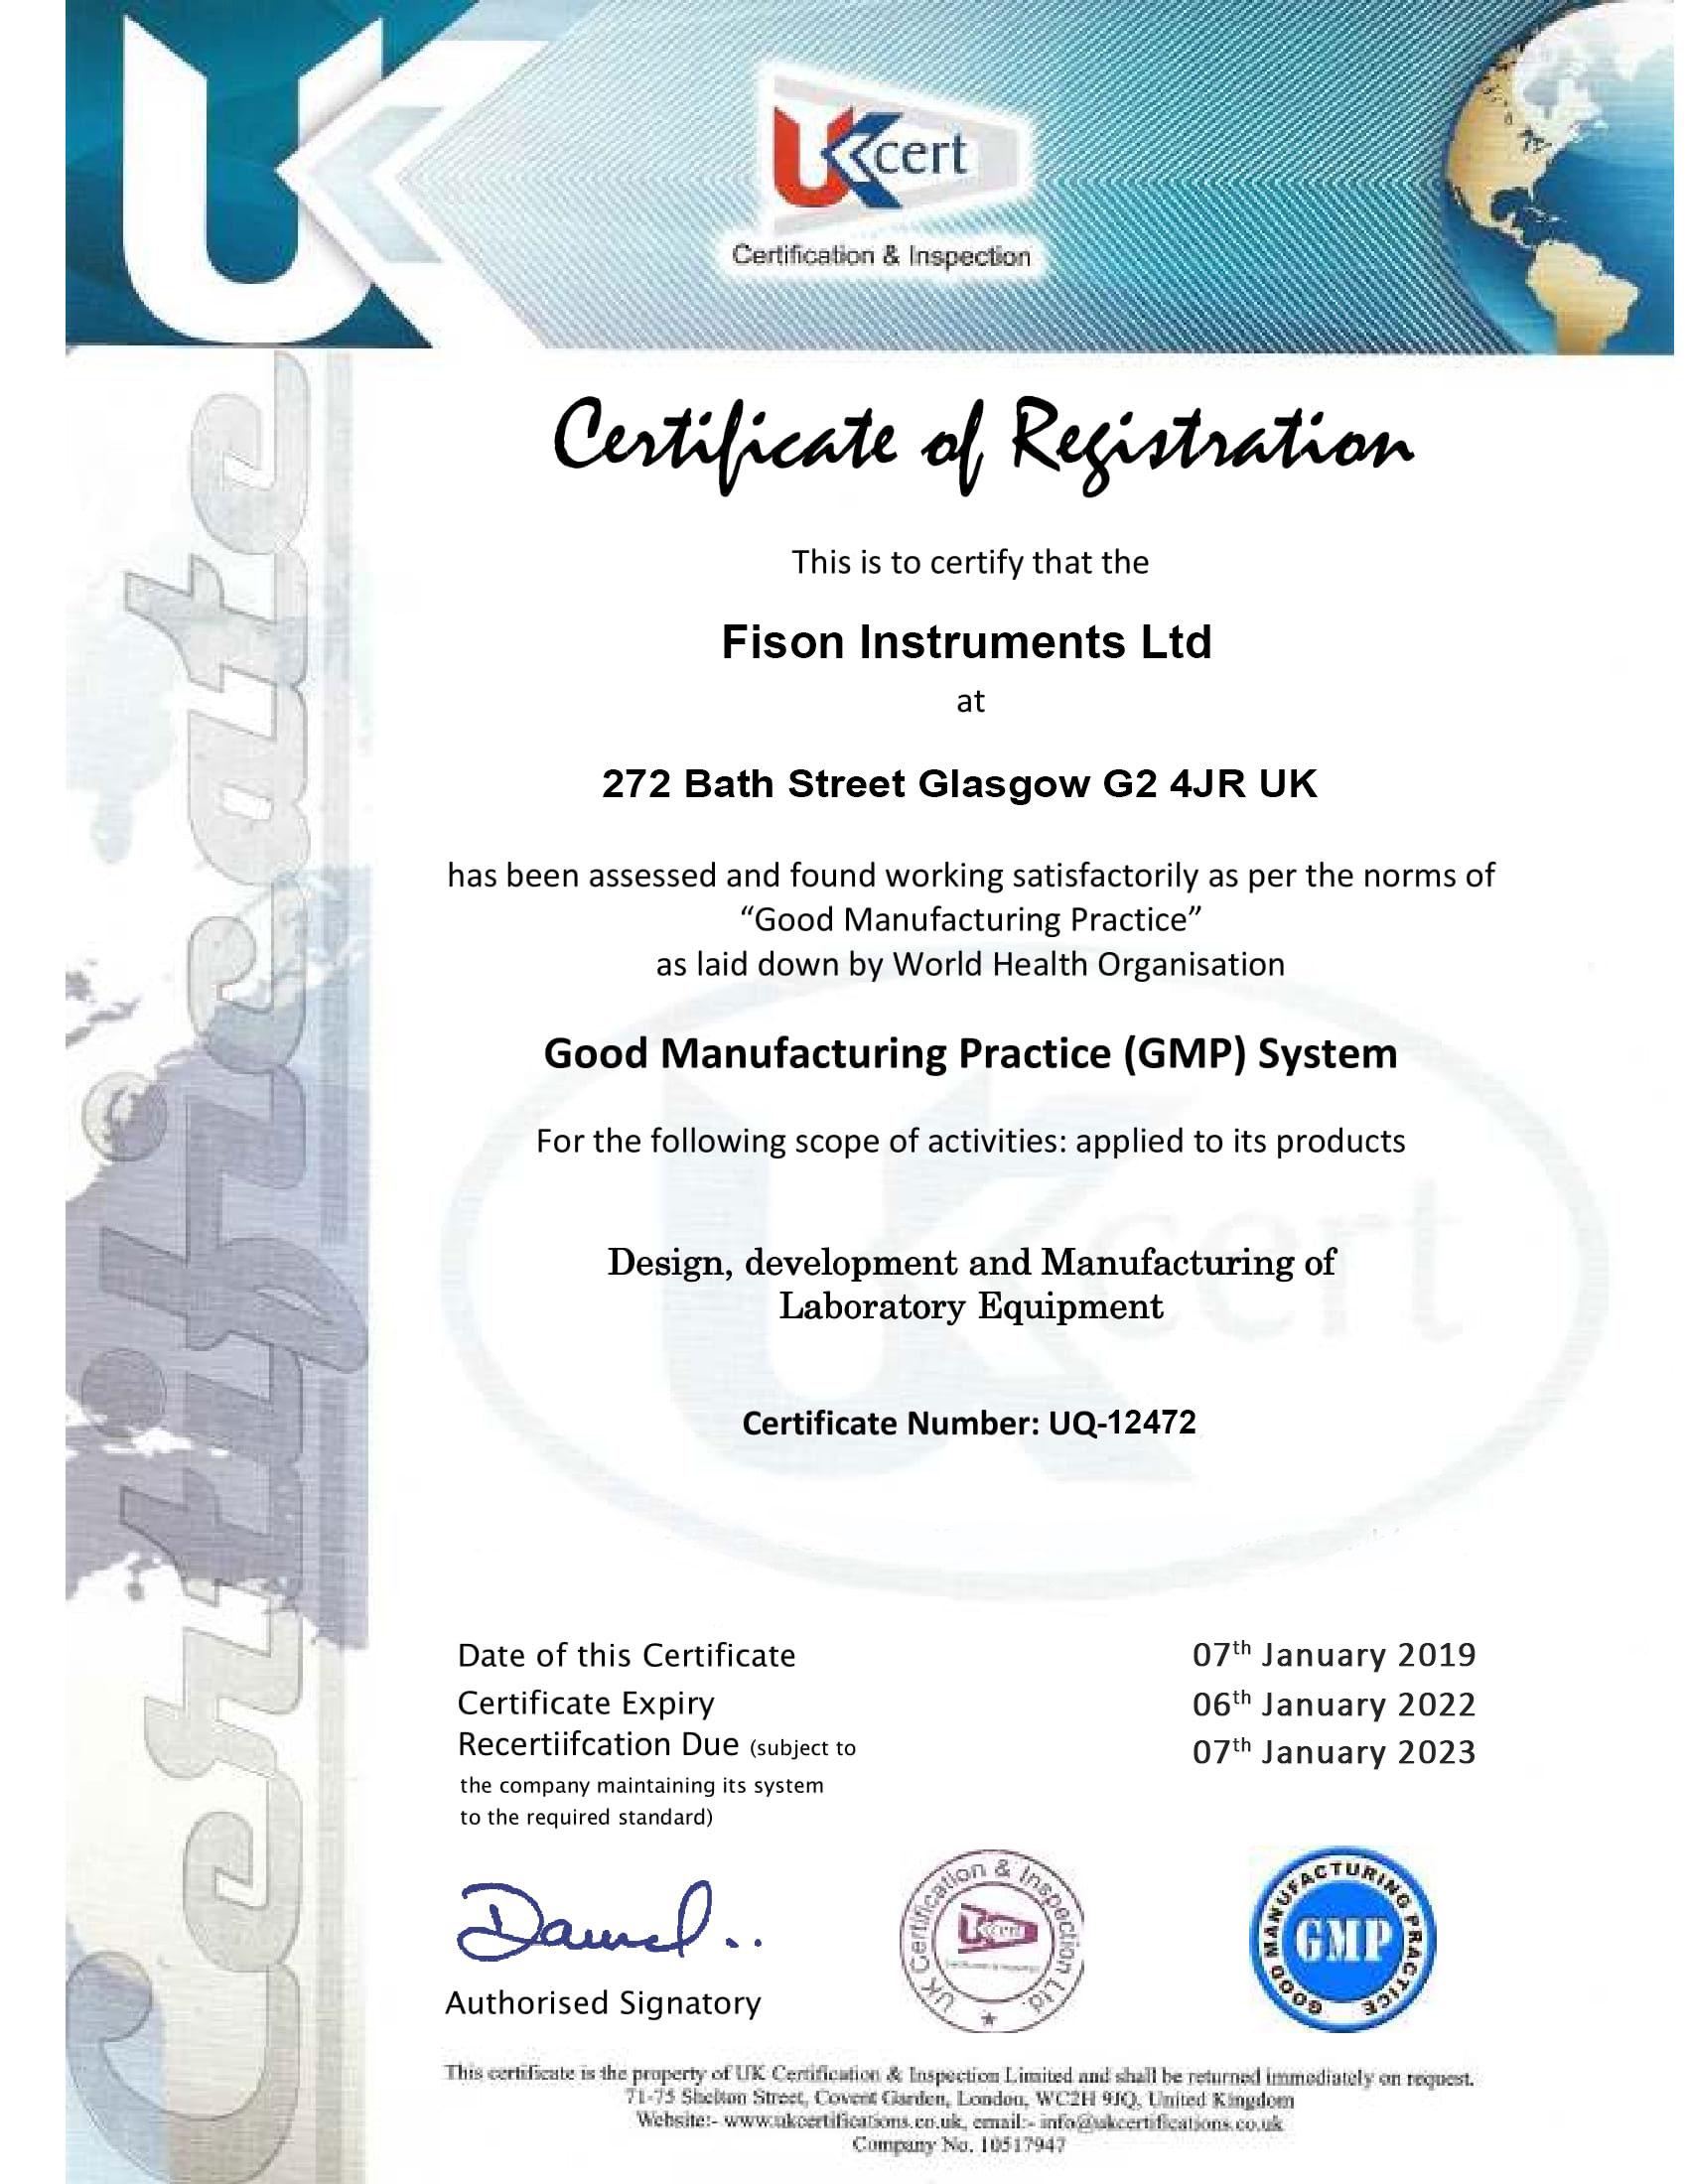 Fison Instruments Ltd GMP-UQ-12472